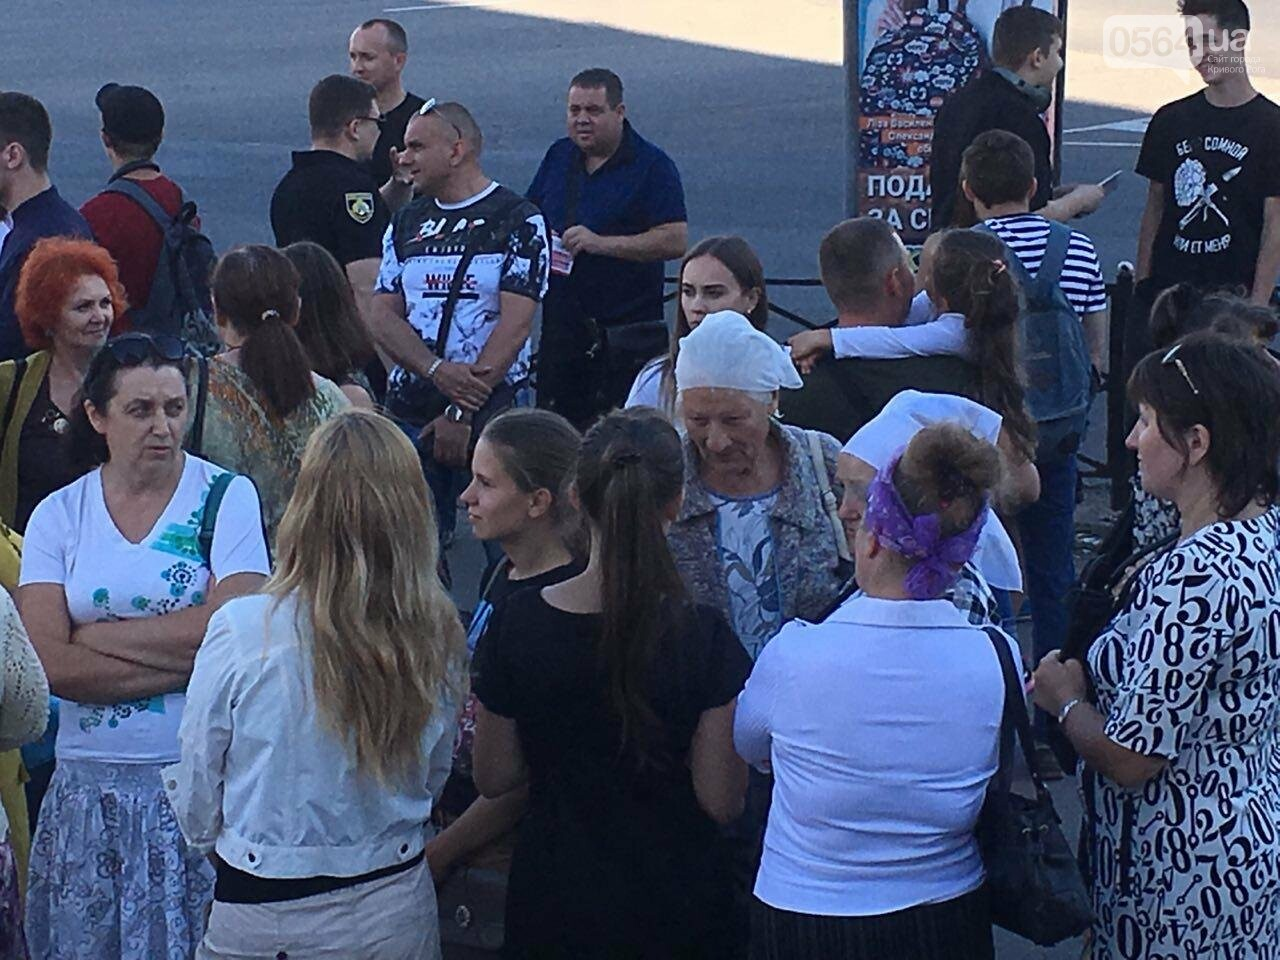 Криворожане собрались на Марш за традиционные семейные ценности, - ФОТО, ПРЯМОЙ ЭФИР, фото-31